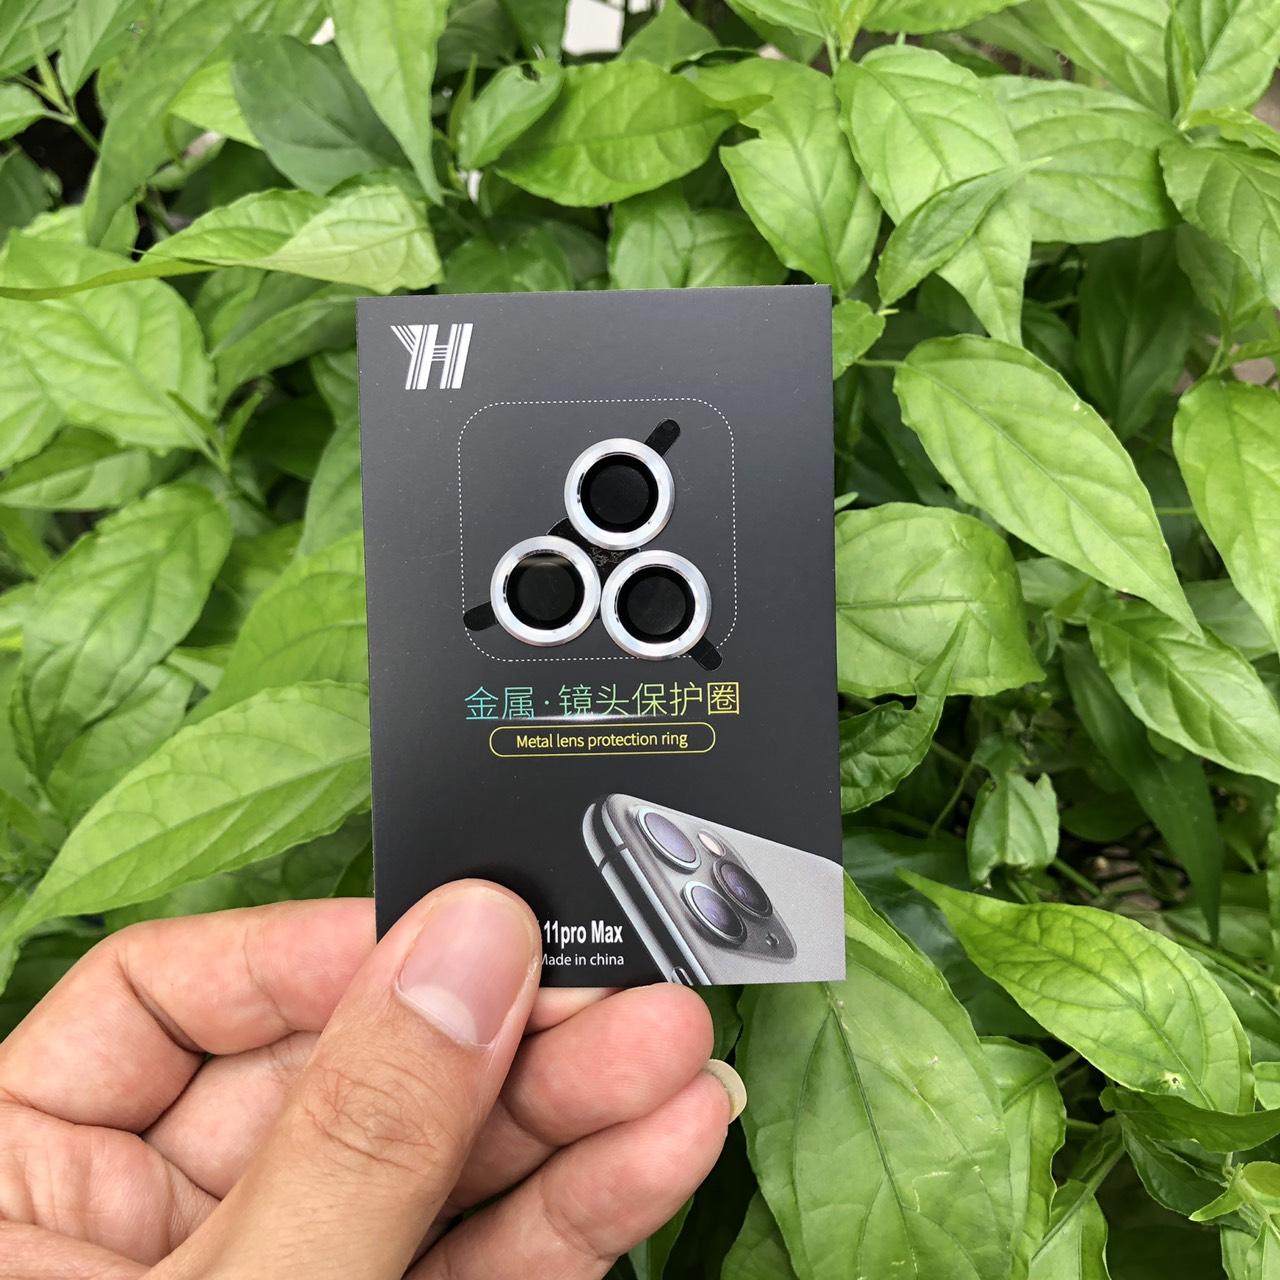 Bộ 3 Vòng Bảo Vệ Camera Dành Cho IPhone 12Pro - Chống Bụi, Hạn chế vân tay & Mờ Camera - Bảo Vệ Toàn Diện Cho Dế Yêu Của Bạn